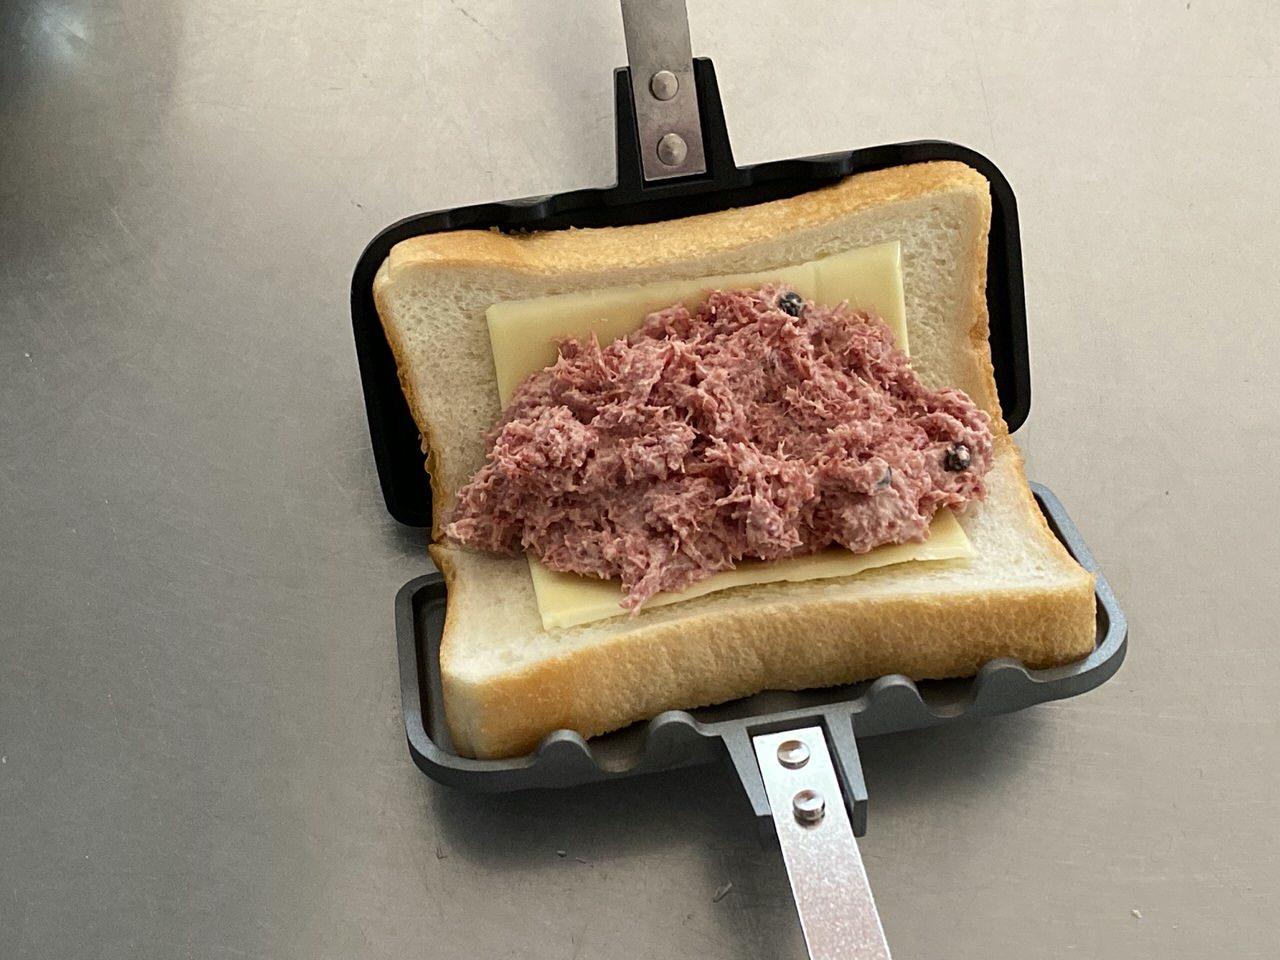 「ホットサンドソロ」コンビーフ+マヨネーズ+とろけるチーズのレシピ 8